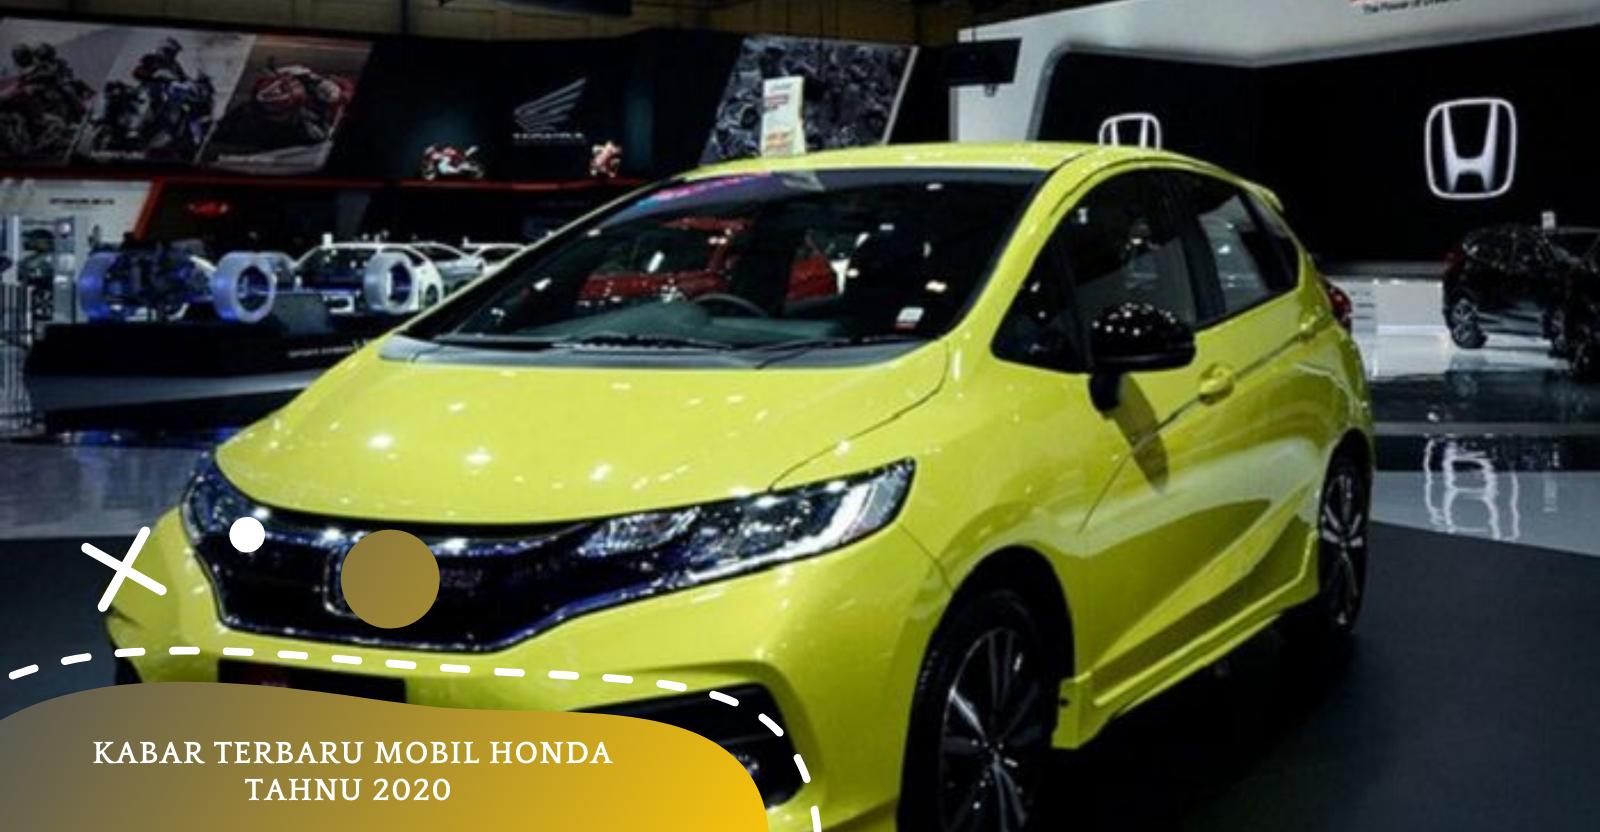 Kekurangan Harga Mobil Honda Terbaru Review